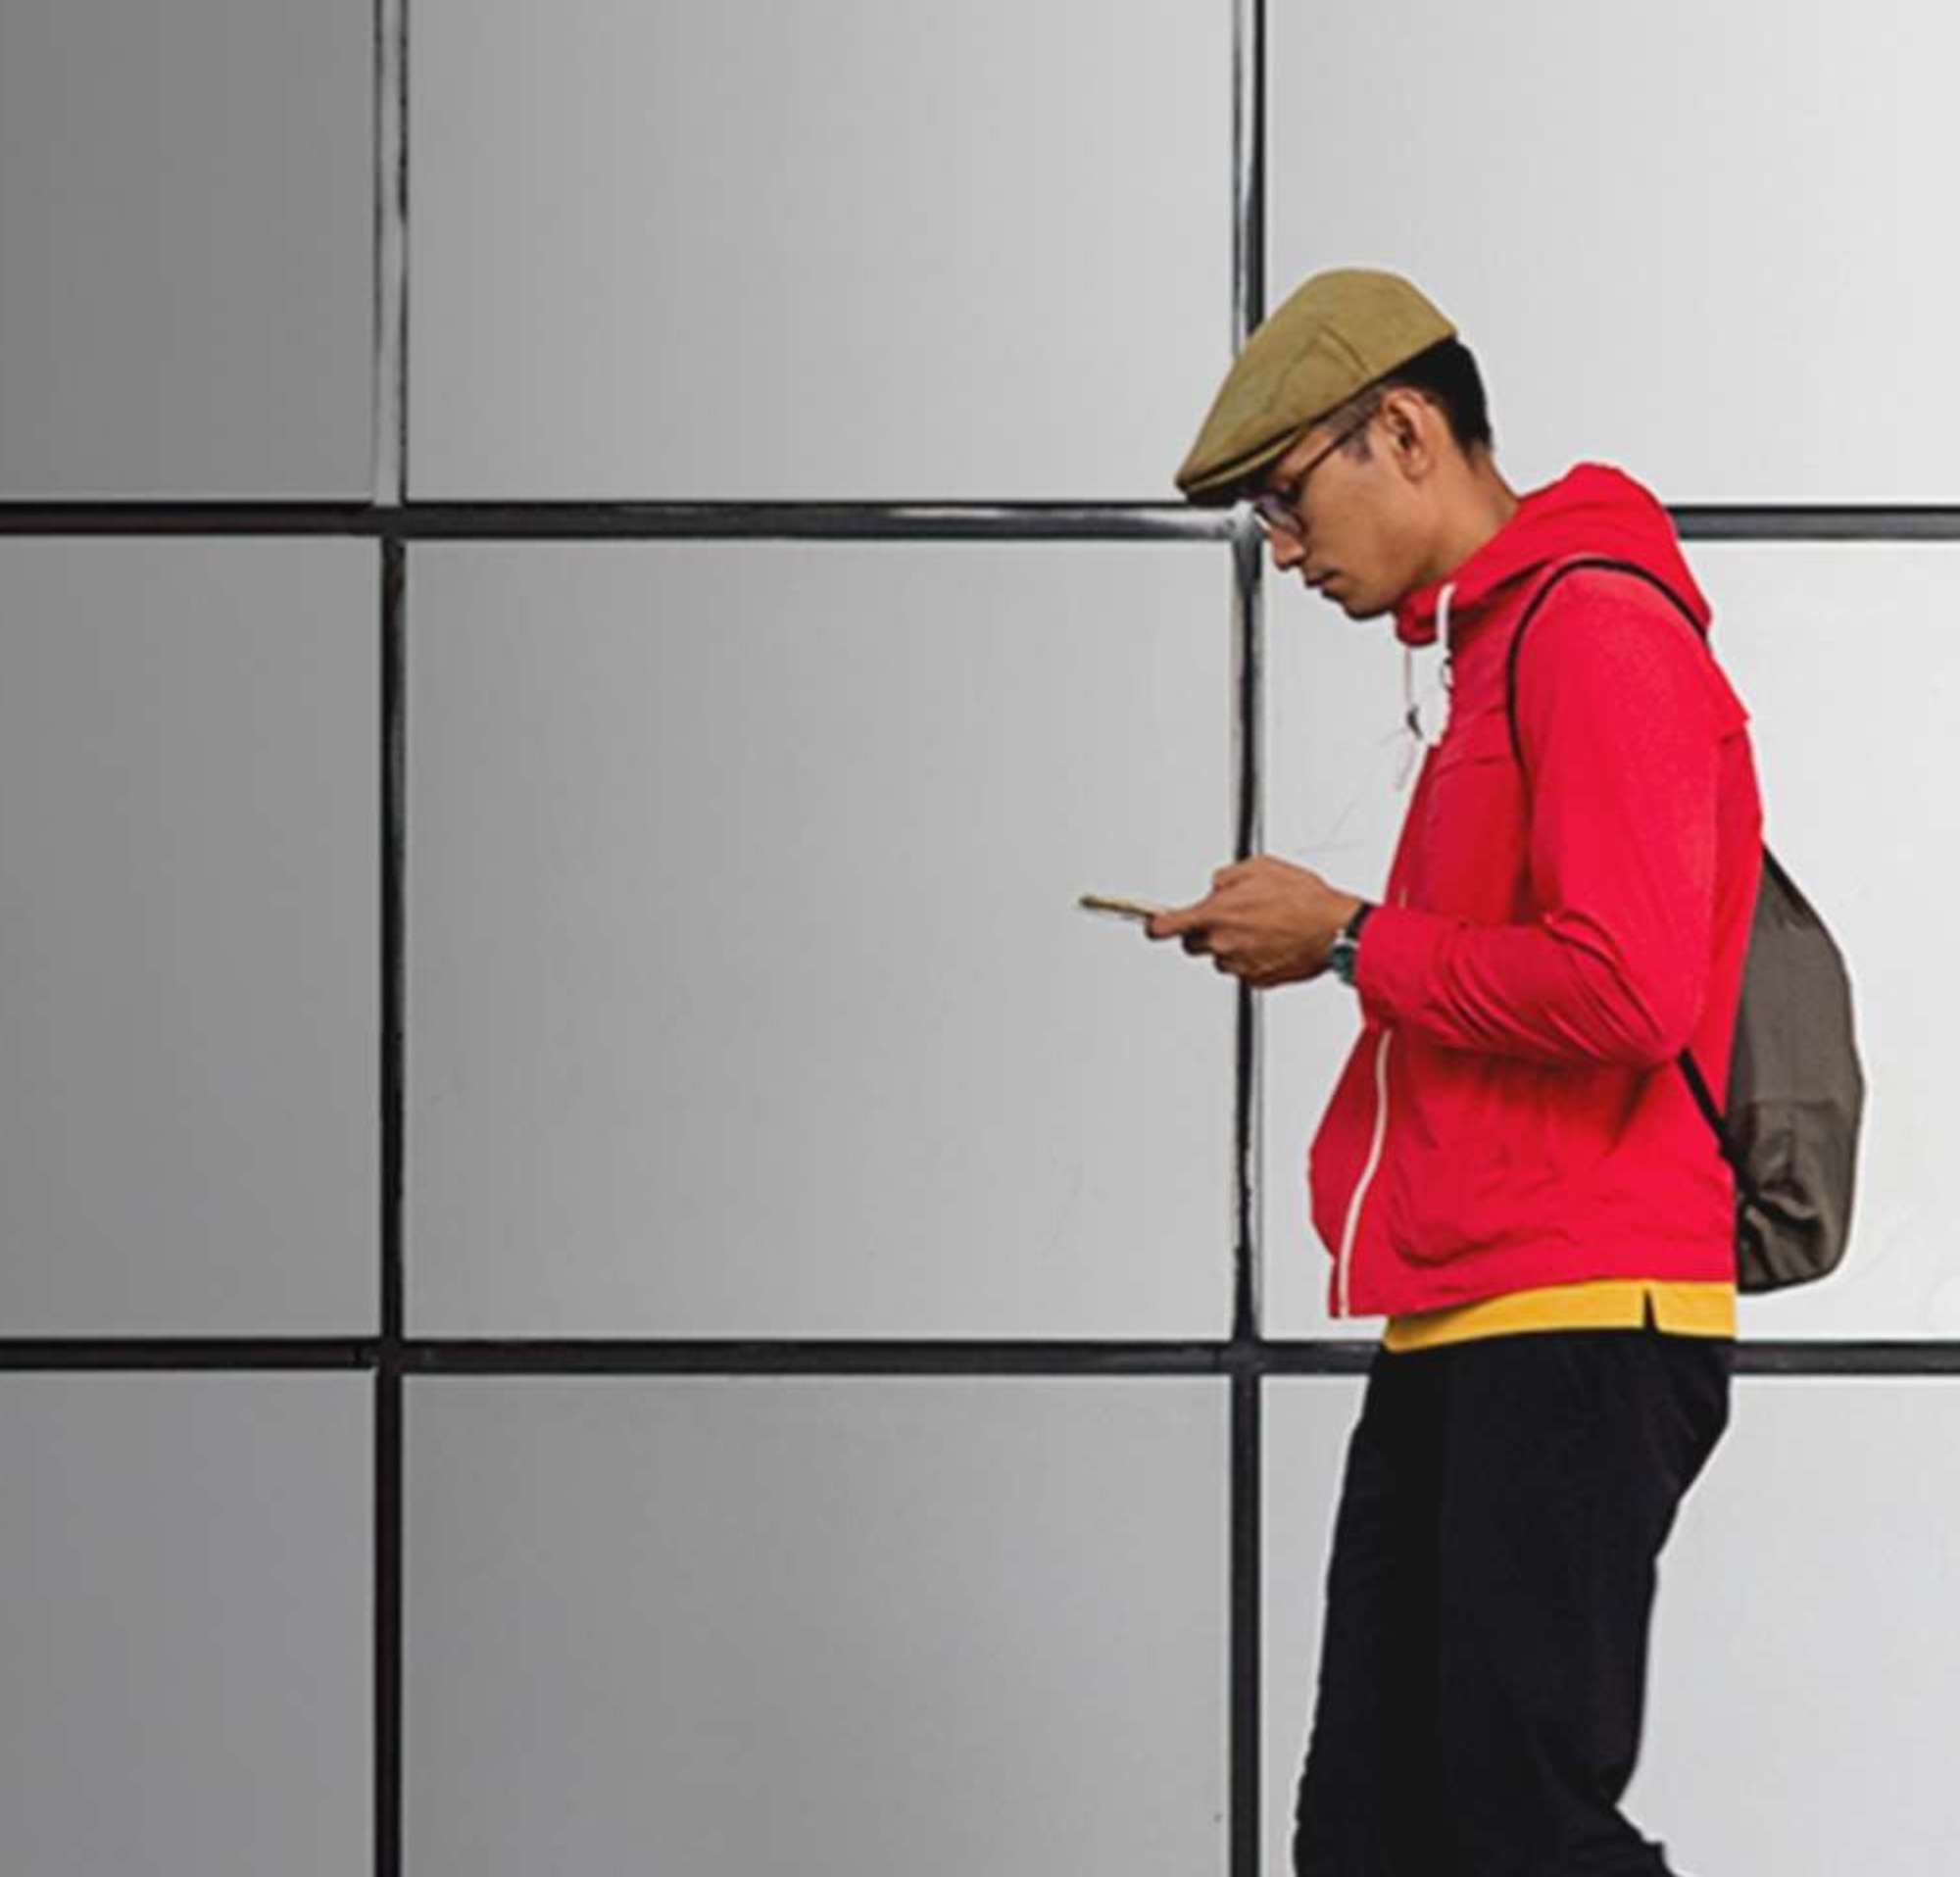 Homem caminhando ao lado de janelas grandes, olhando para o celular.